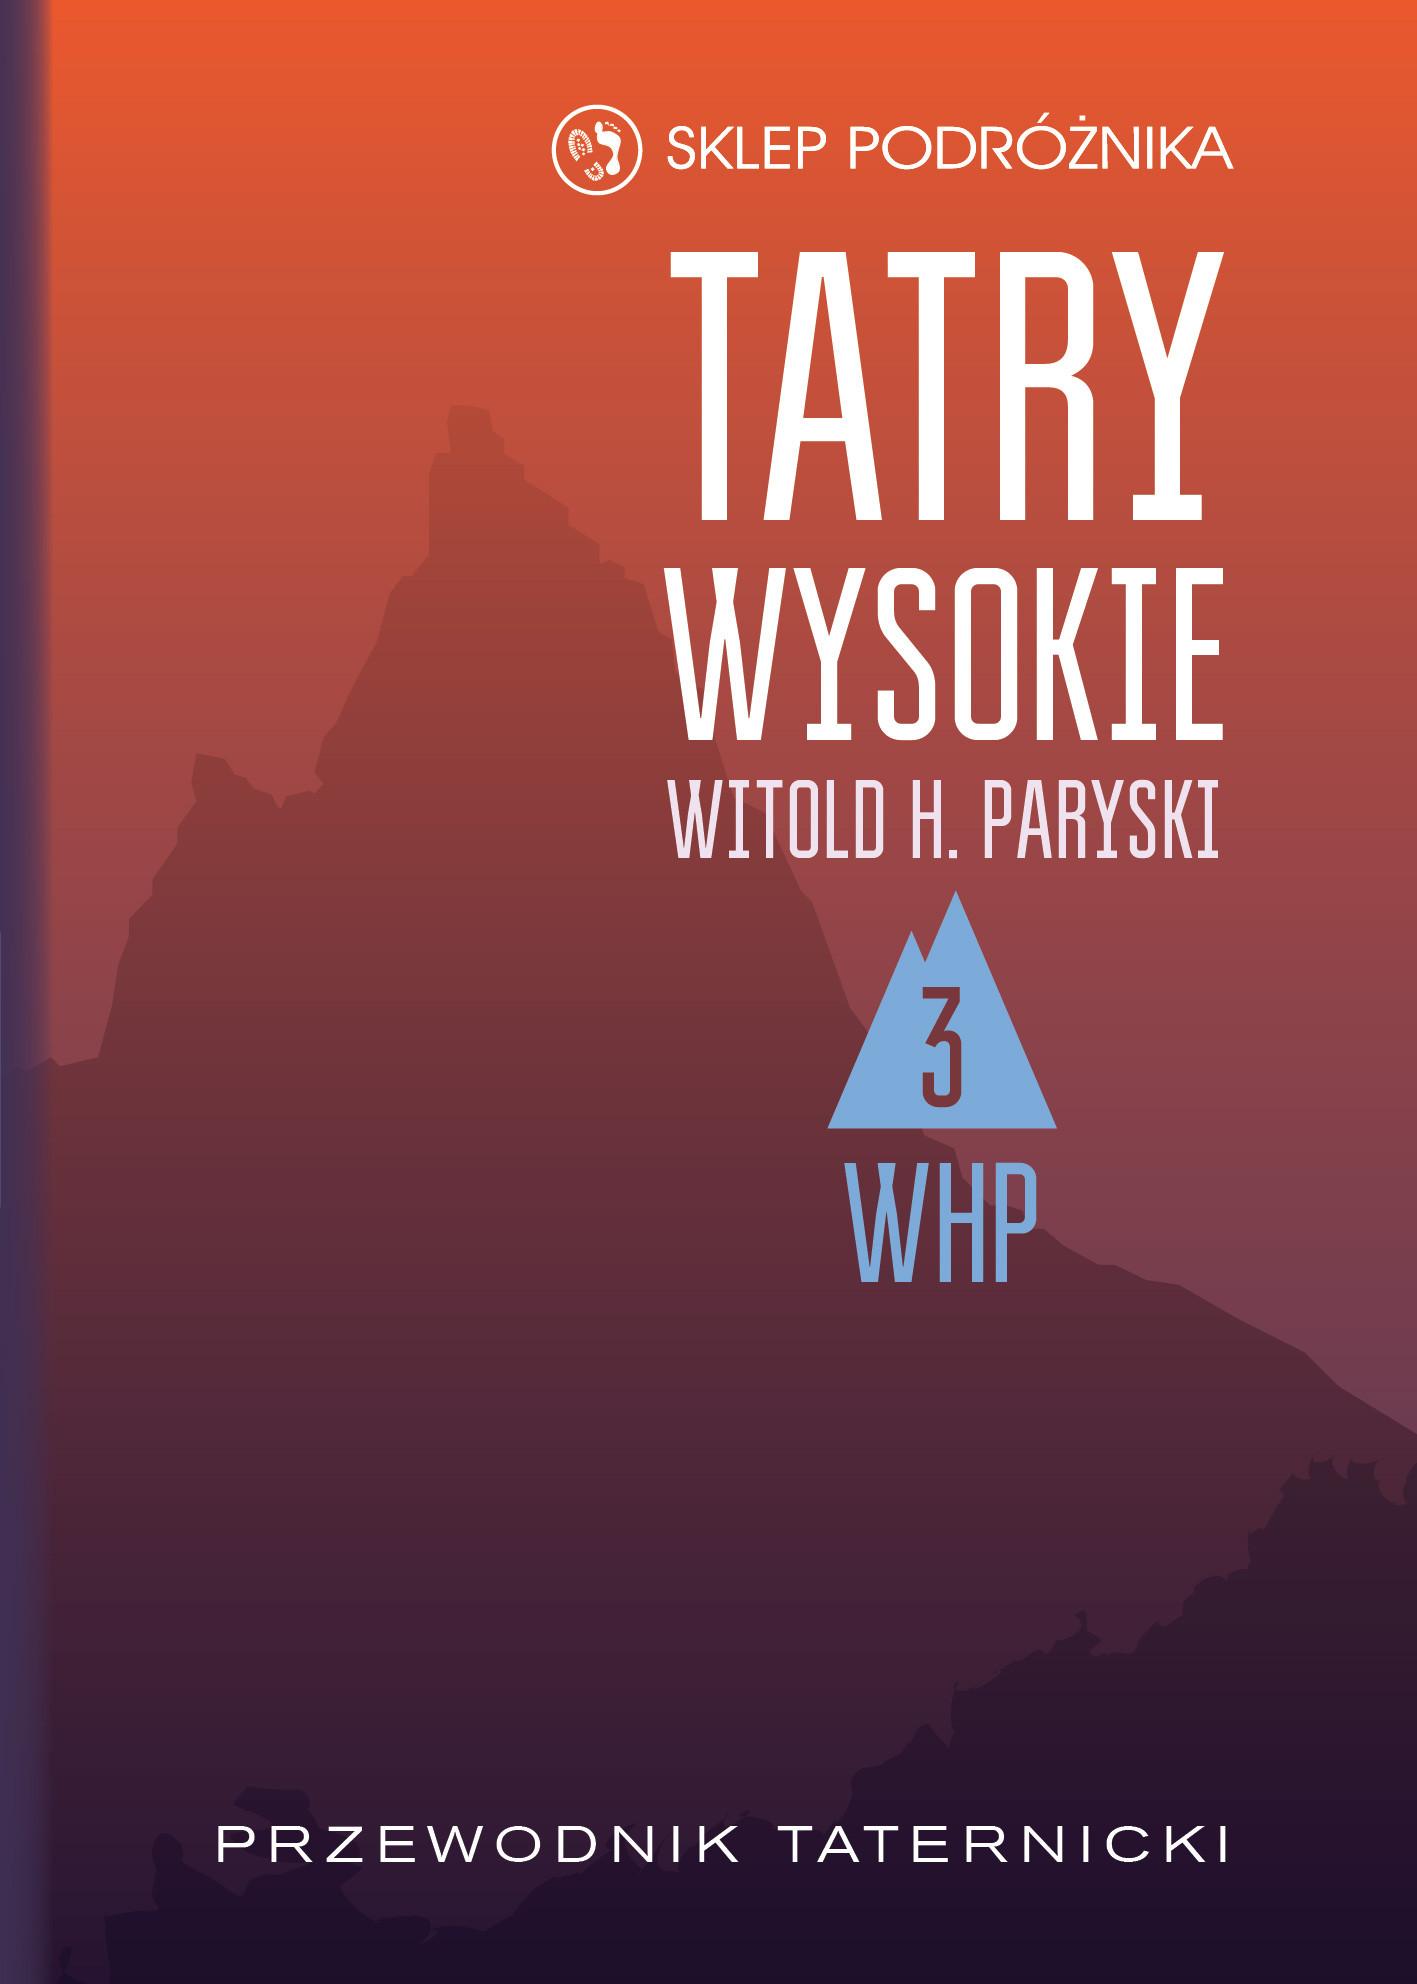 Tatry Wysokie. Przewodnik taternicki t. 3